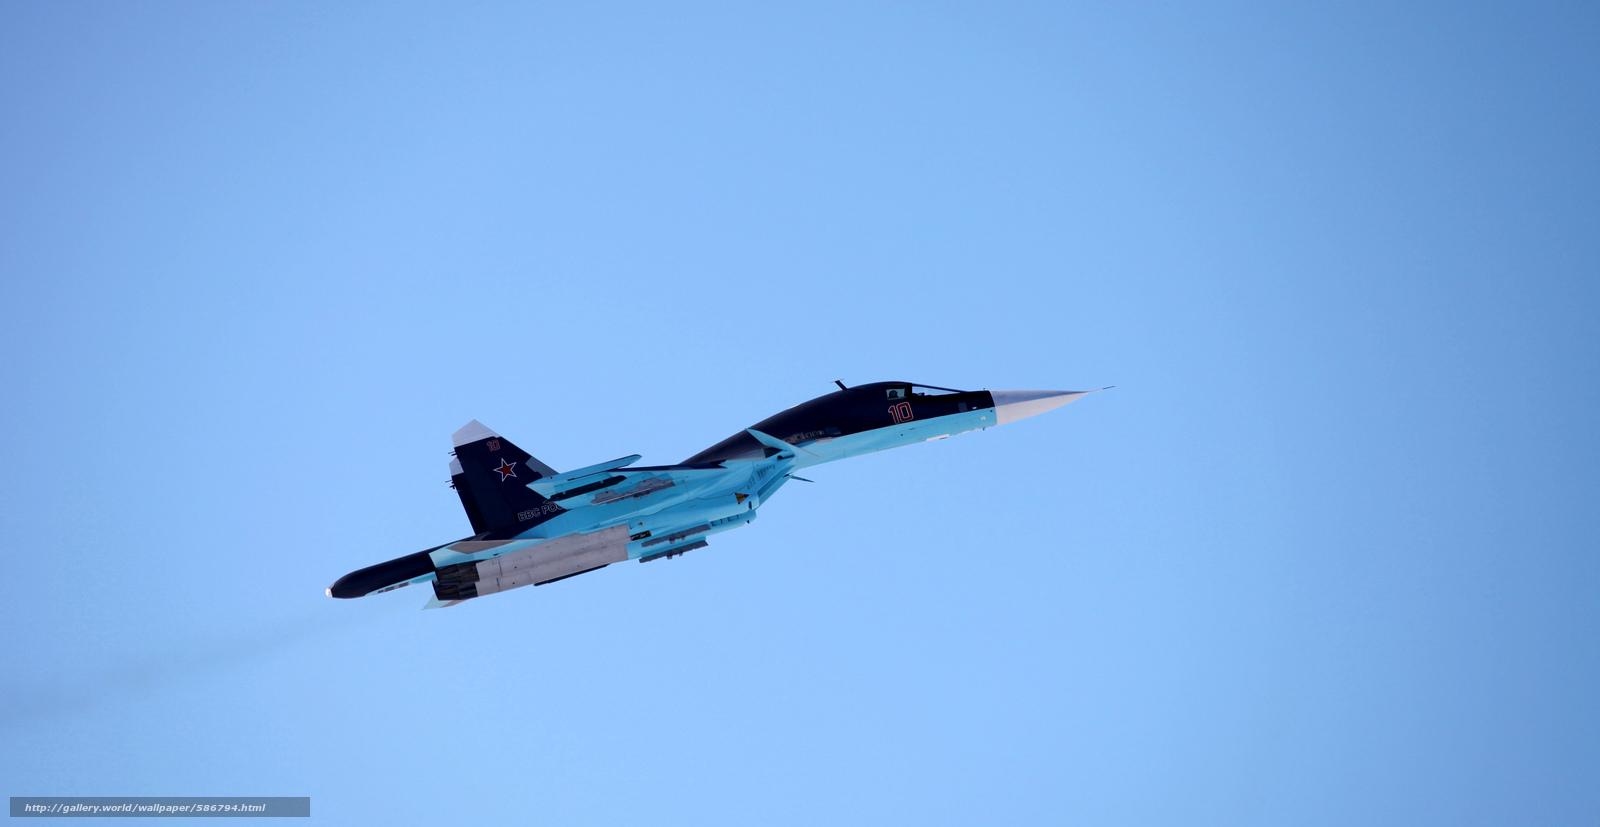 Скачать обои поколения,  стрельбу,  высокоточную,  ВВС бесплатно для рабочего стола в разрешении 5300x2740 — картинка №586794